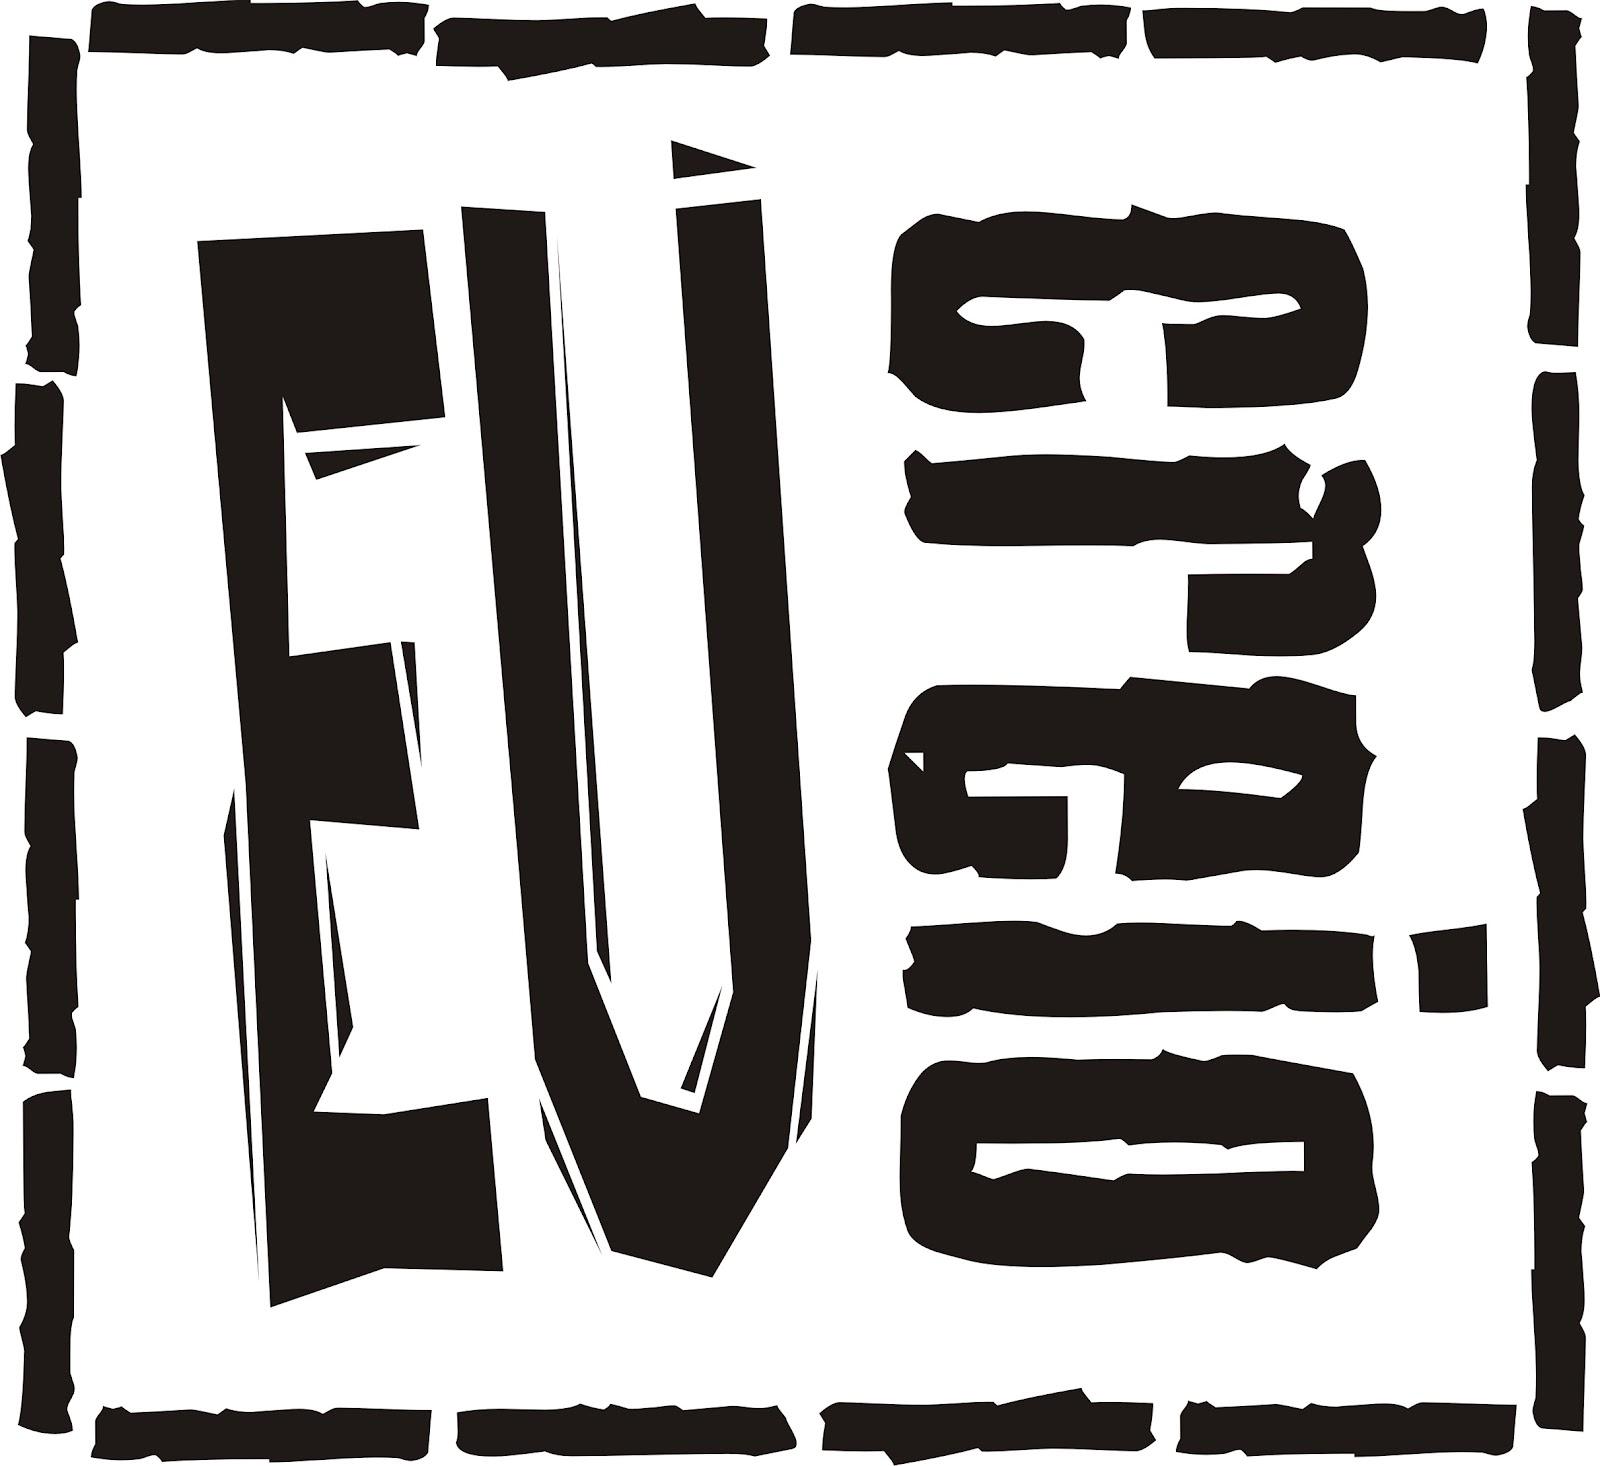 Dia da mentira    NÃO!!! Dia do EU CREIO!!!  e9c82e386d9